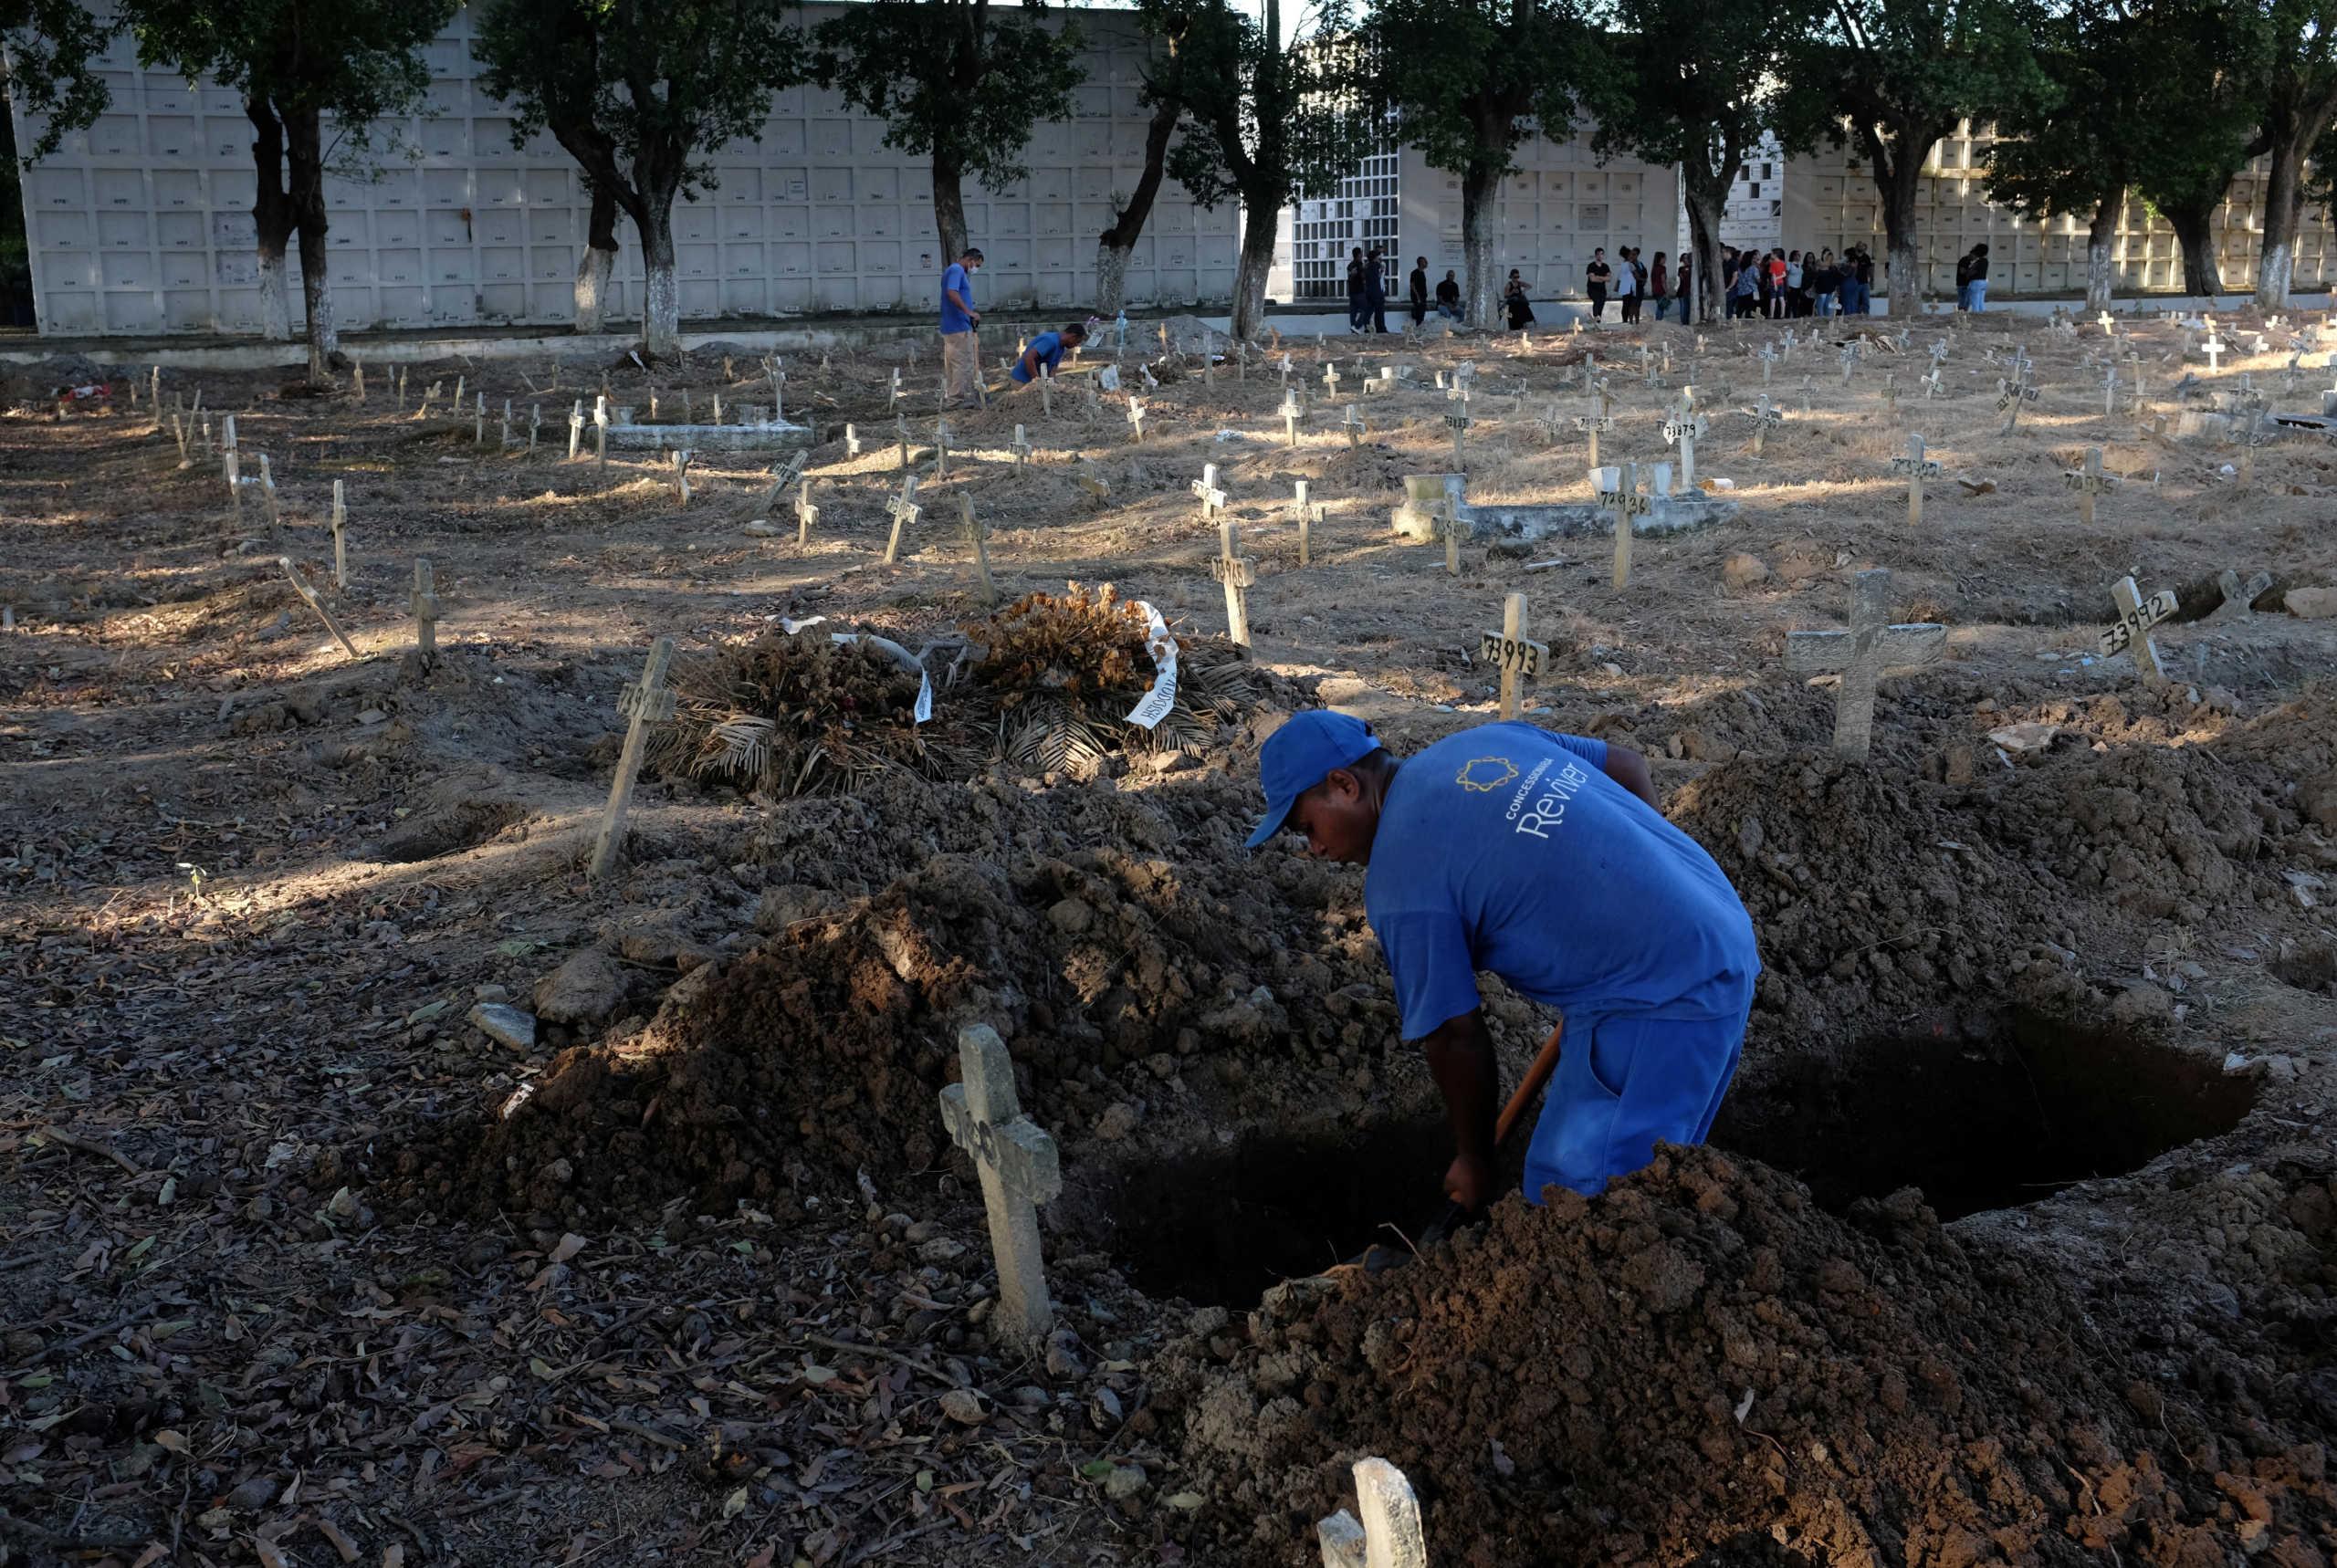 Βραζιλία: Θάνατος… παντού – Ακόμα 1.141 νεκροί από κορονοϊό! Μπολσονάρο: Μάλλον έχω νοσήσει